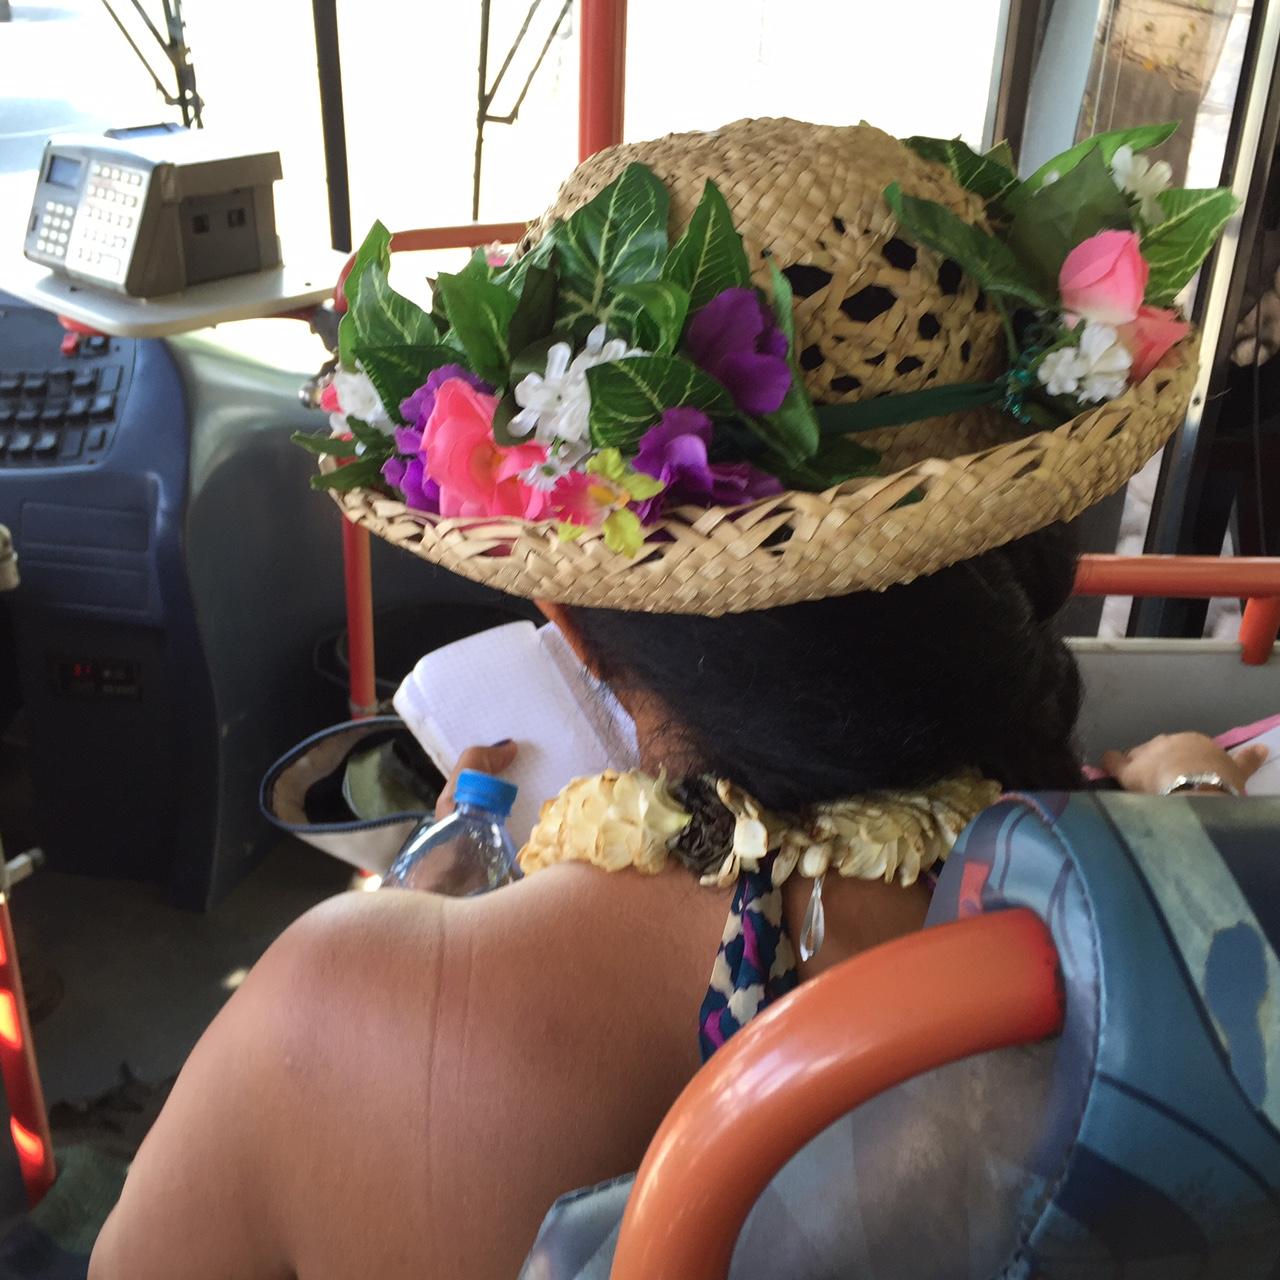 Lokal bussen många smyckar sig med blomster, färska eller konstgjorda